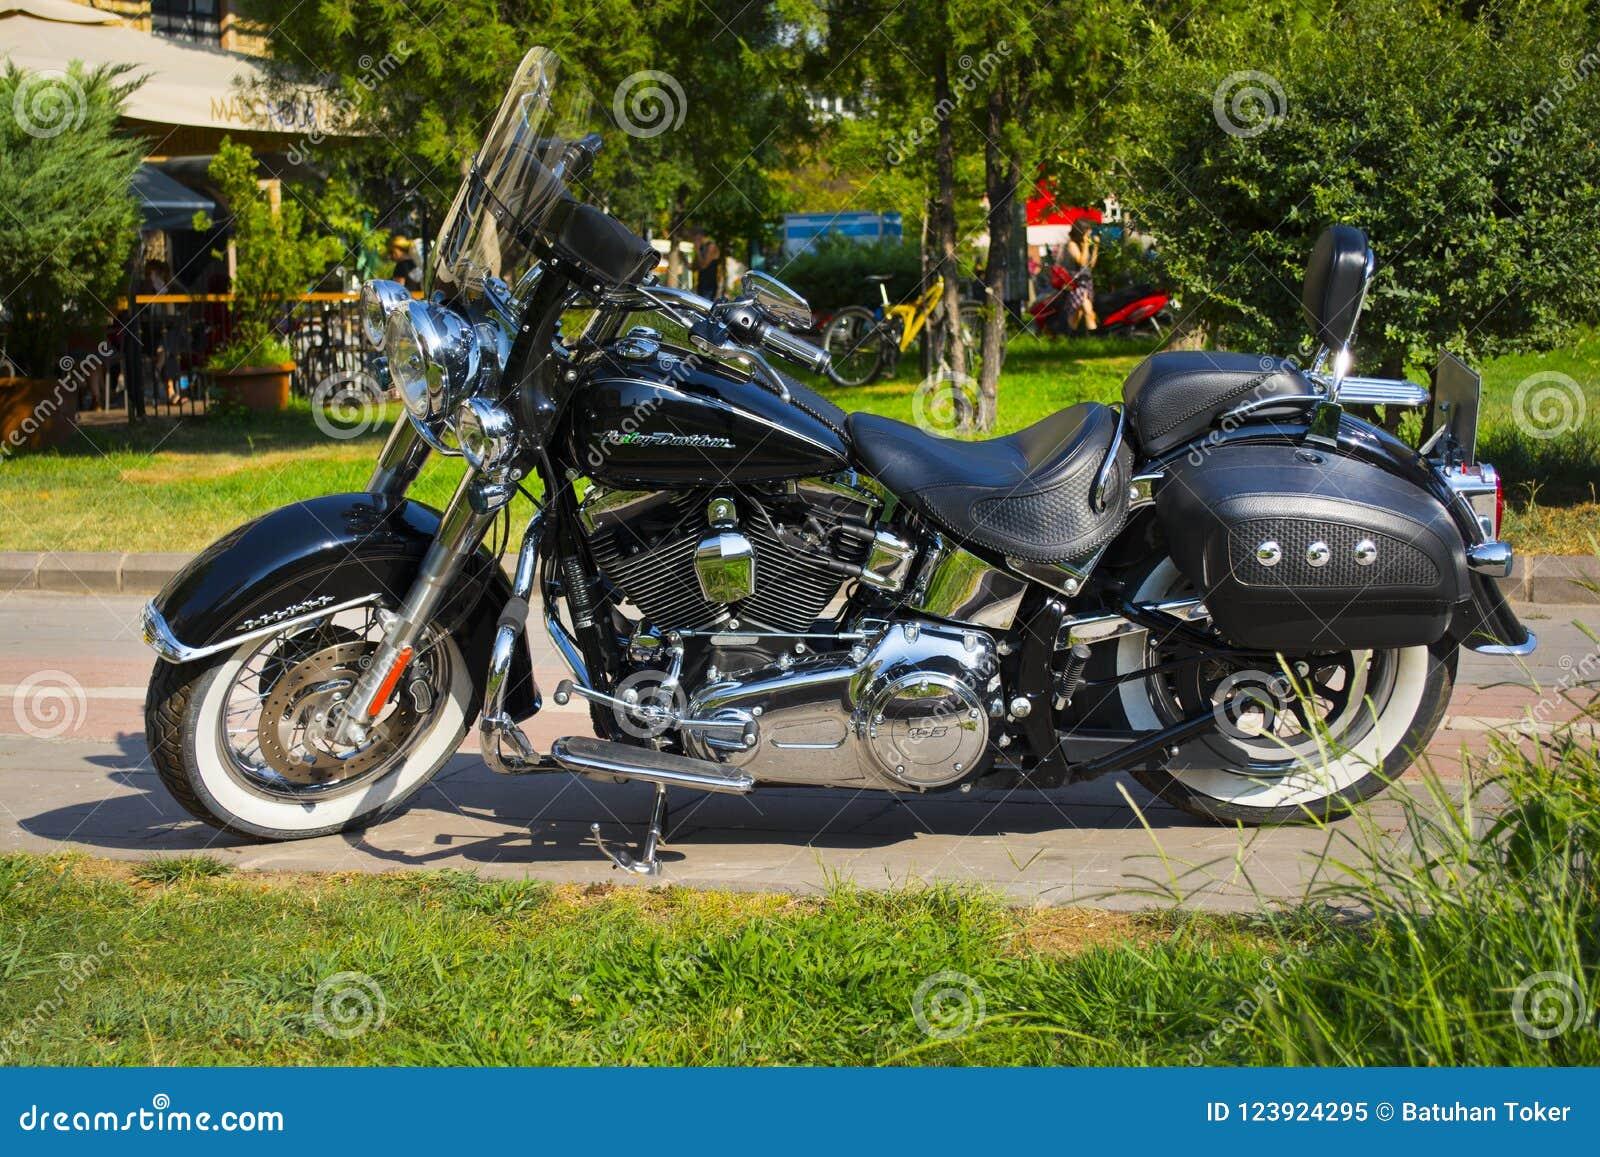 Estambul; TURQUÍA, el 8 de agosto de 2018: Motocicleta negra ligera a estrenar con la calle de Harley-Davidson Deluxe